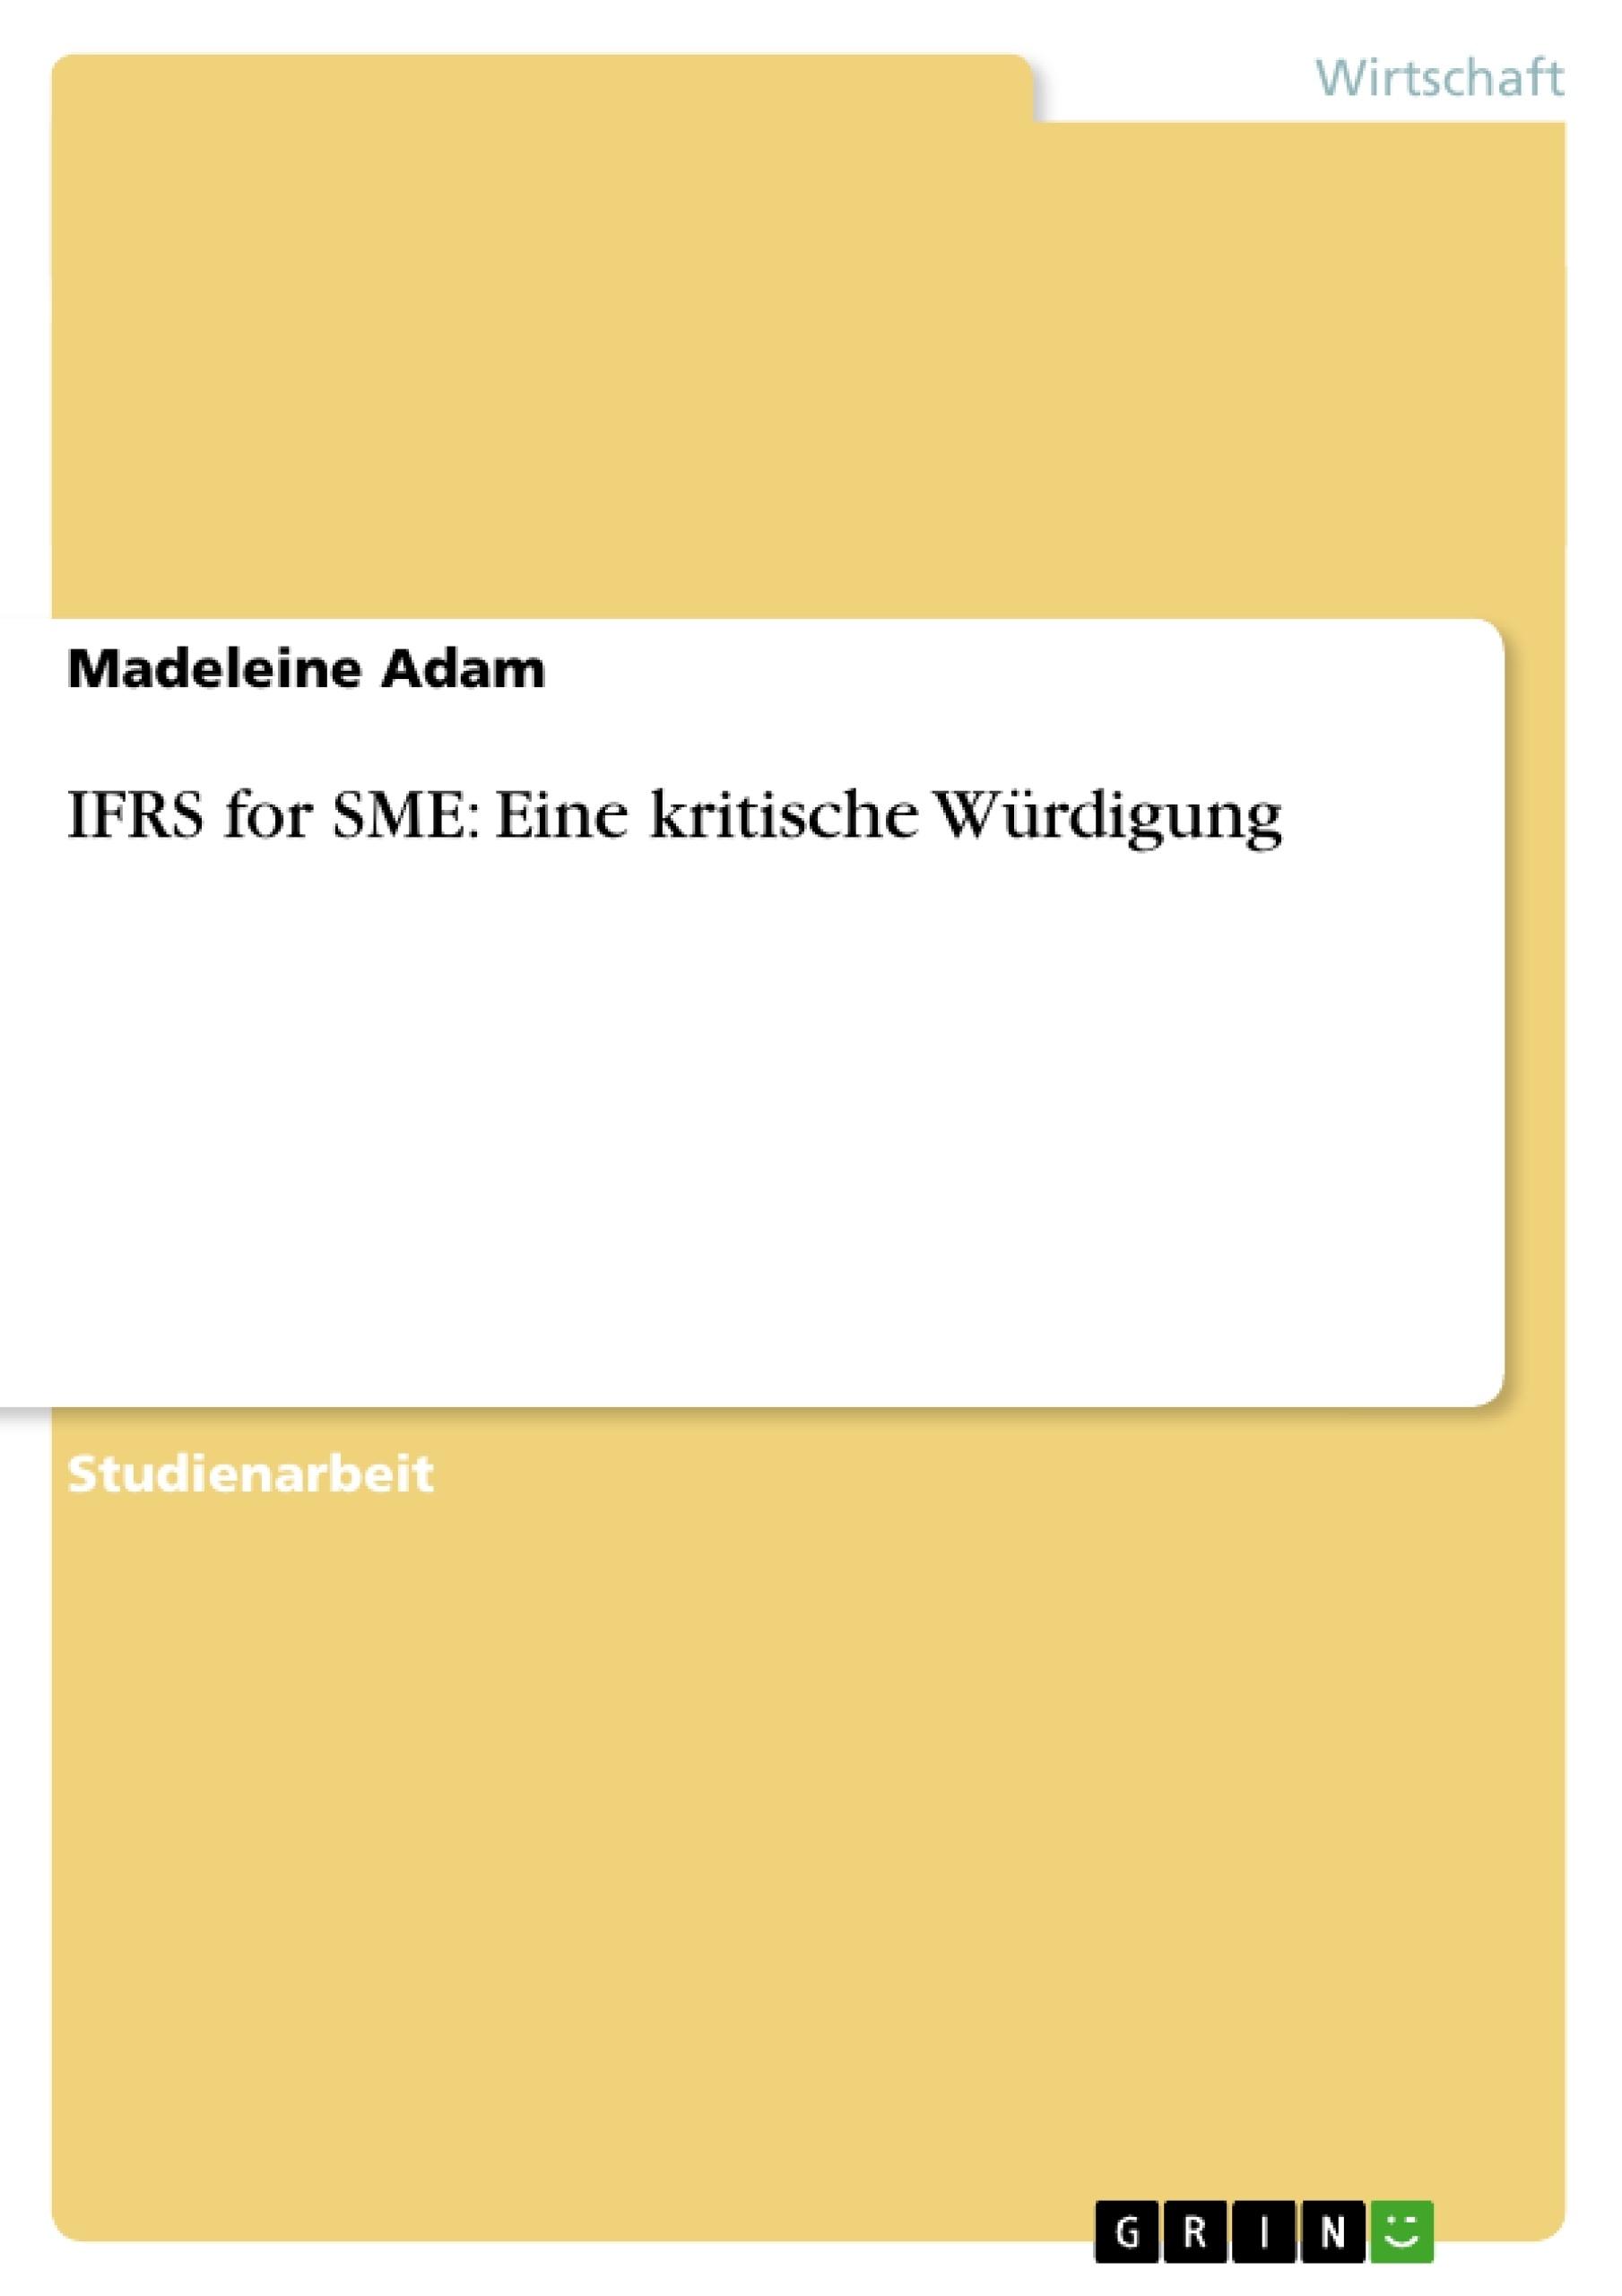 Titel: IFRS for SME: Eine kritische Würdigung